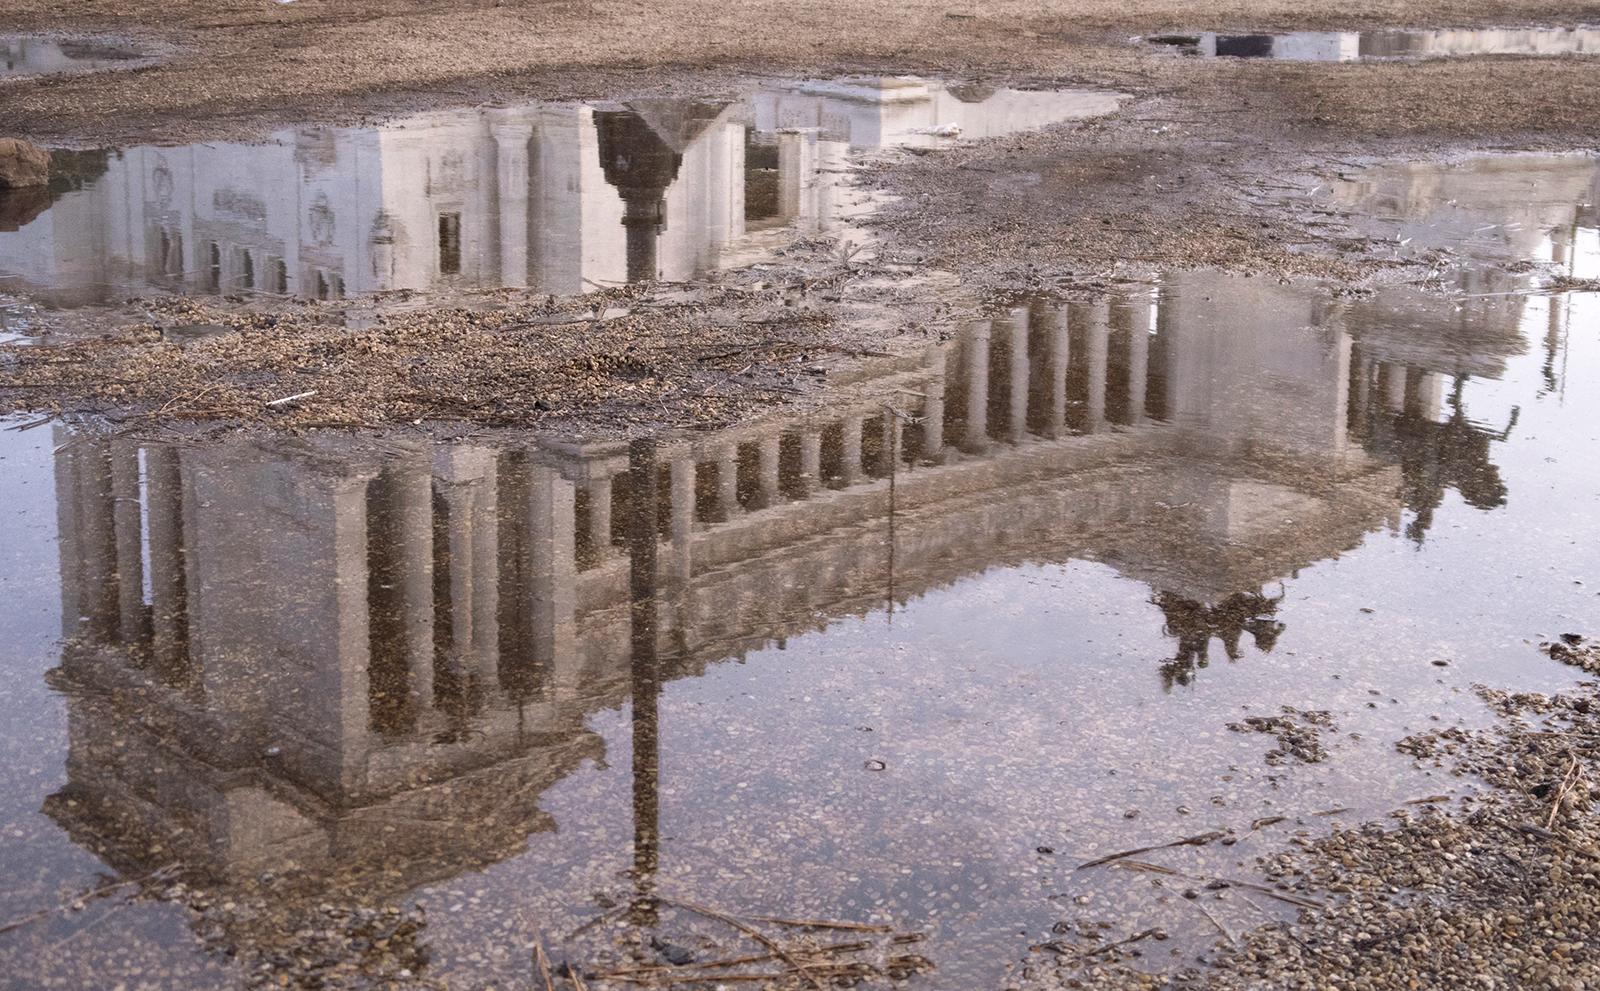 Rainy Day Reflection - Il Vittoriano